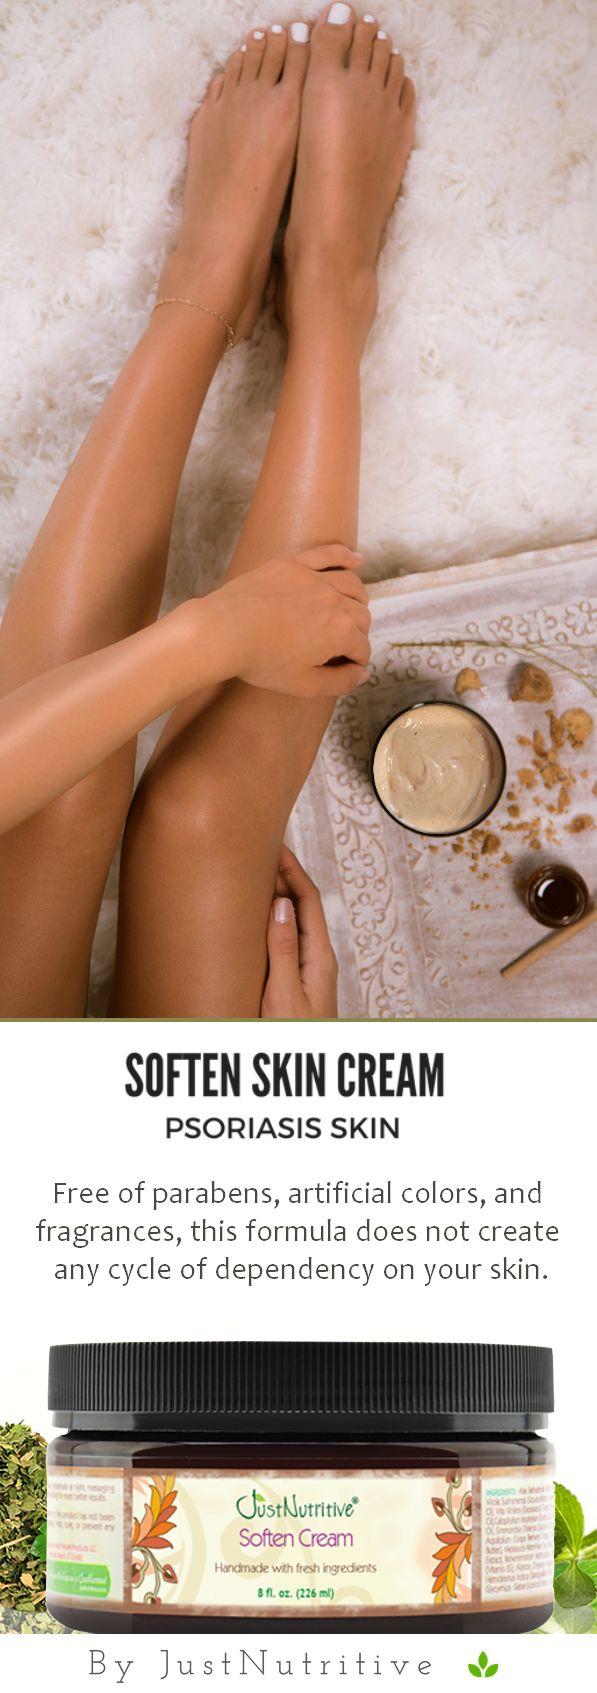 Psoriasis Soften Cream / Psoriasis Cream